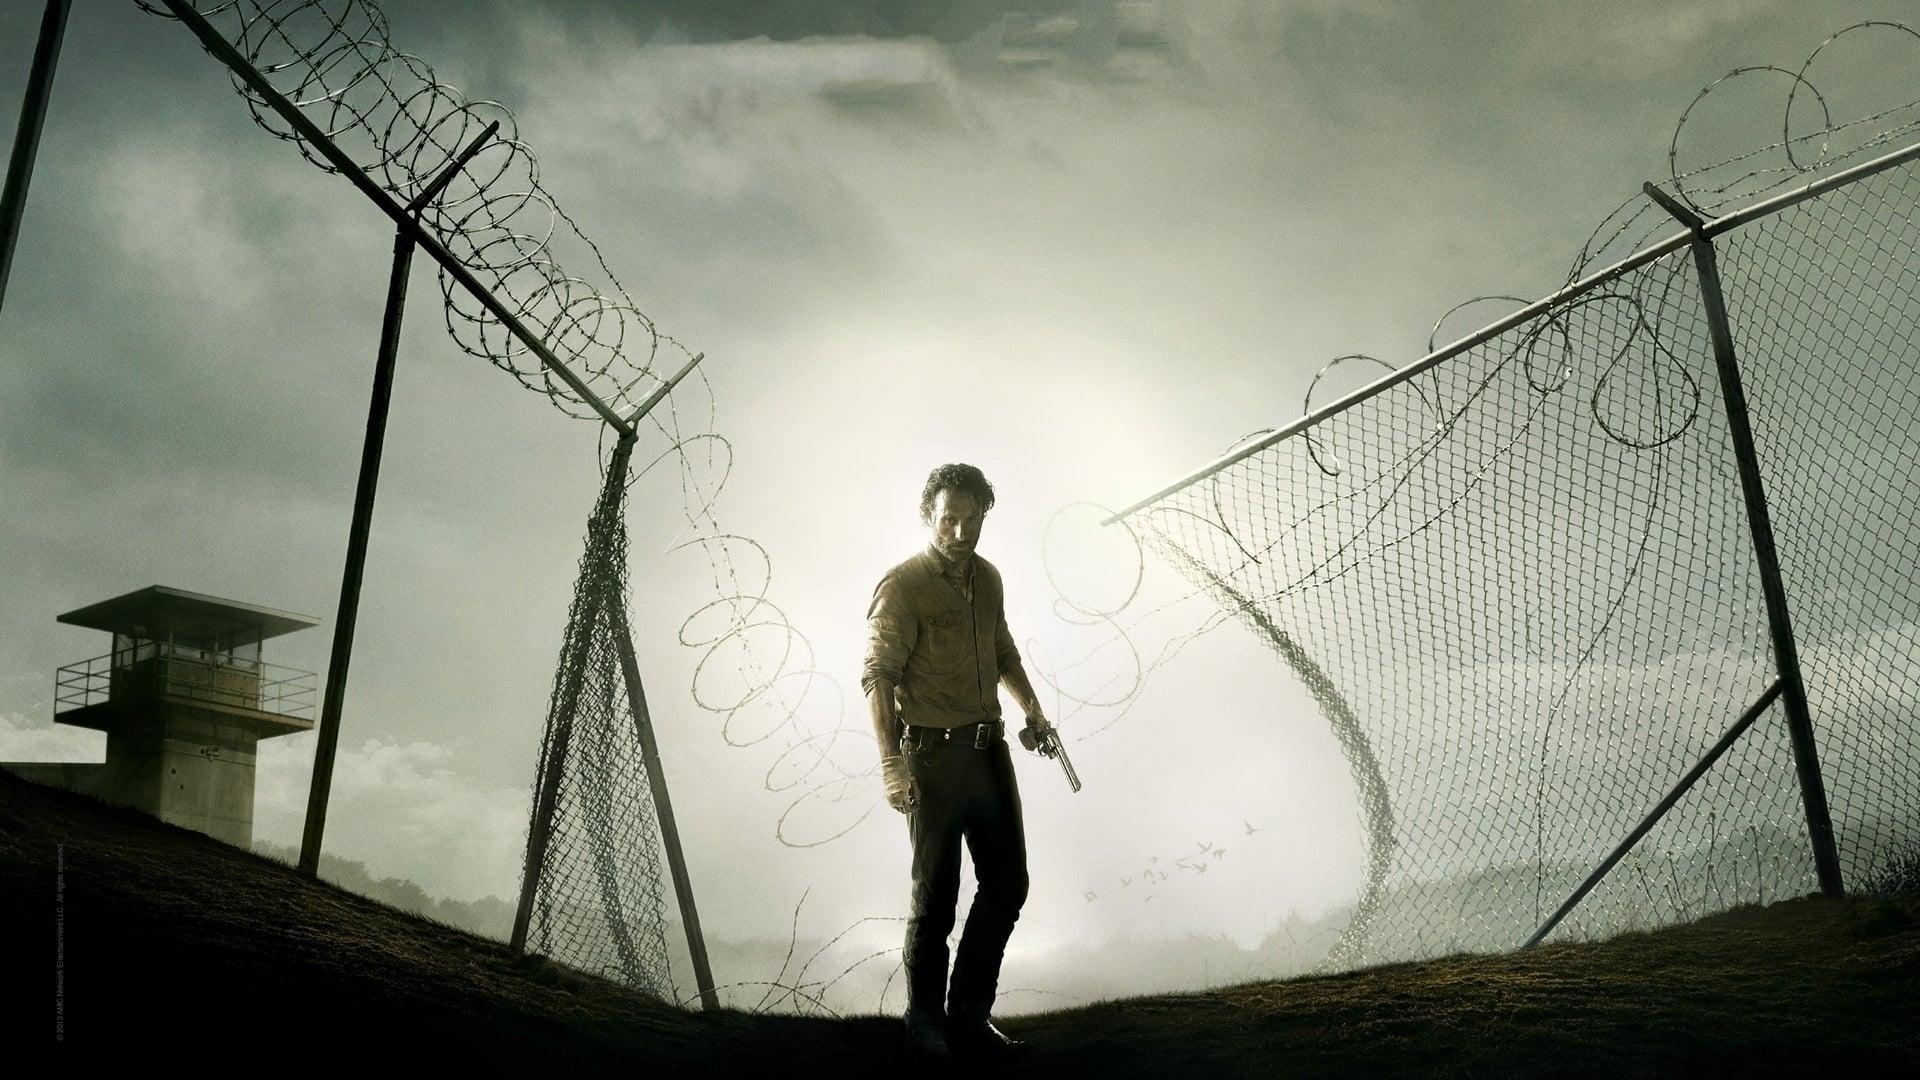 行尸走肉 第四季 The Walking Dead Season 4 (2013) 中文字幕